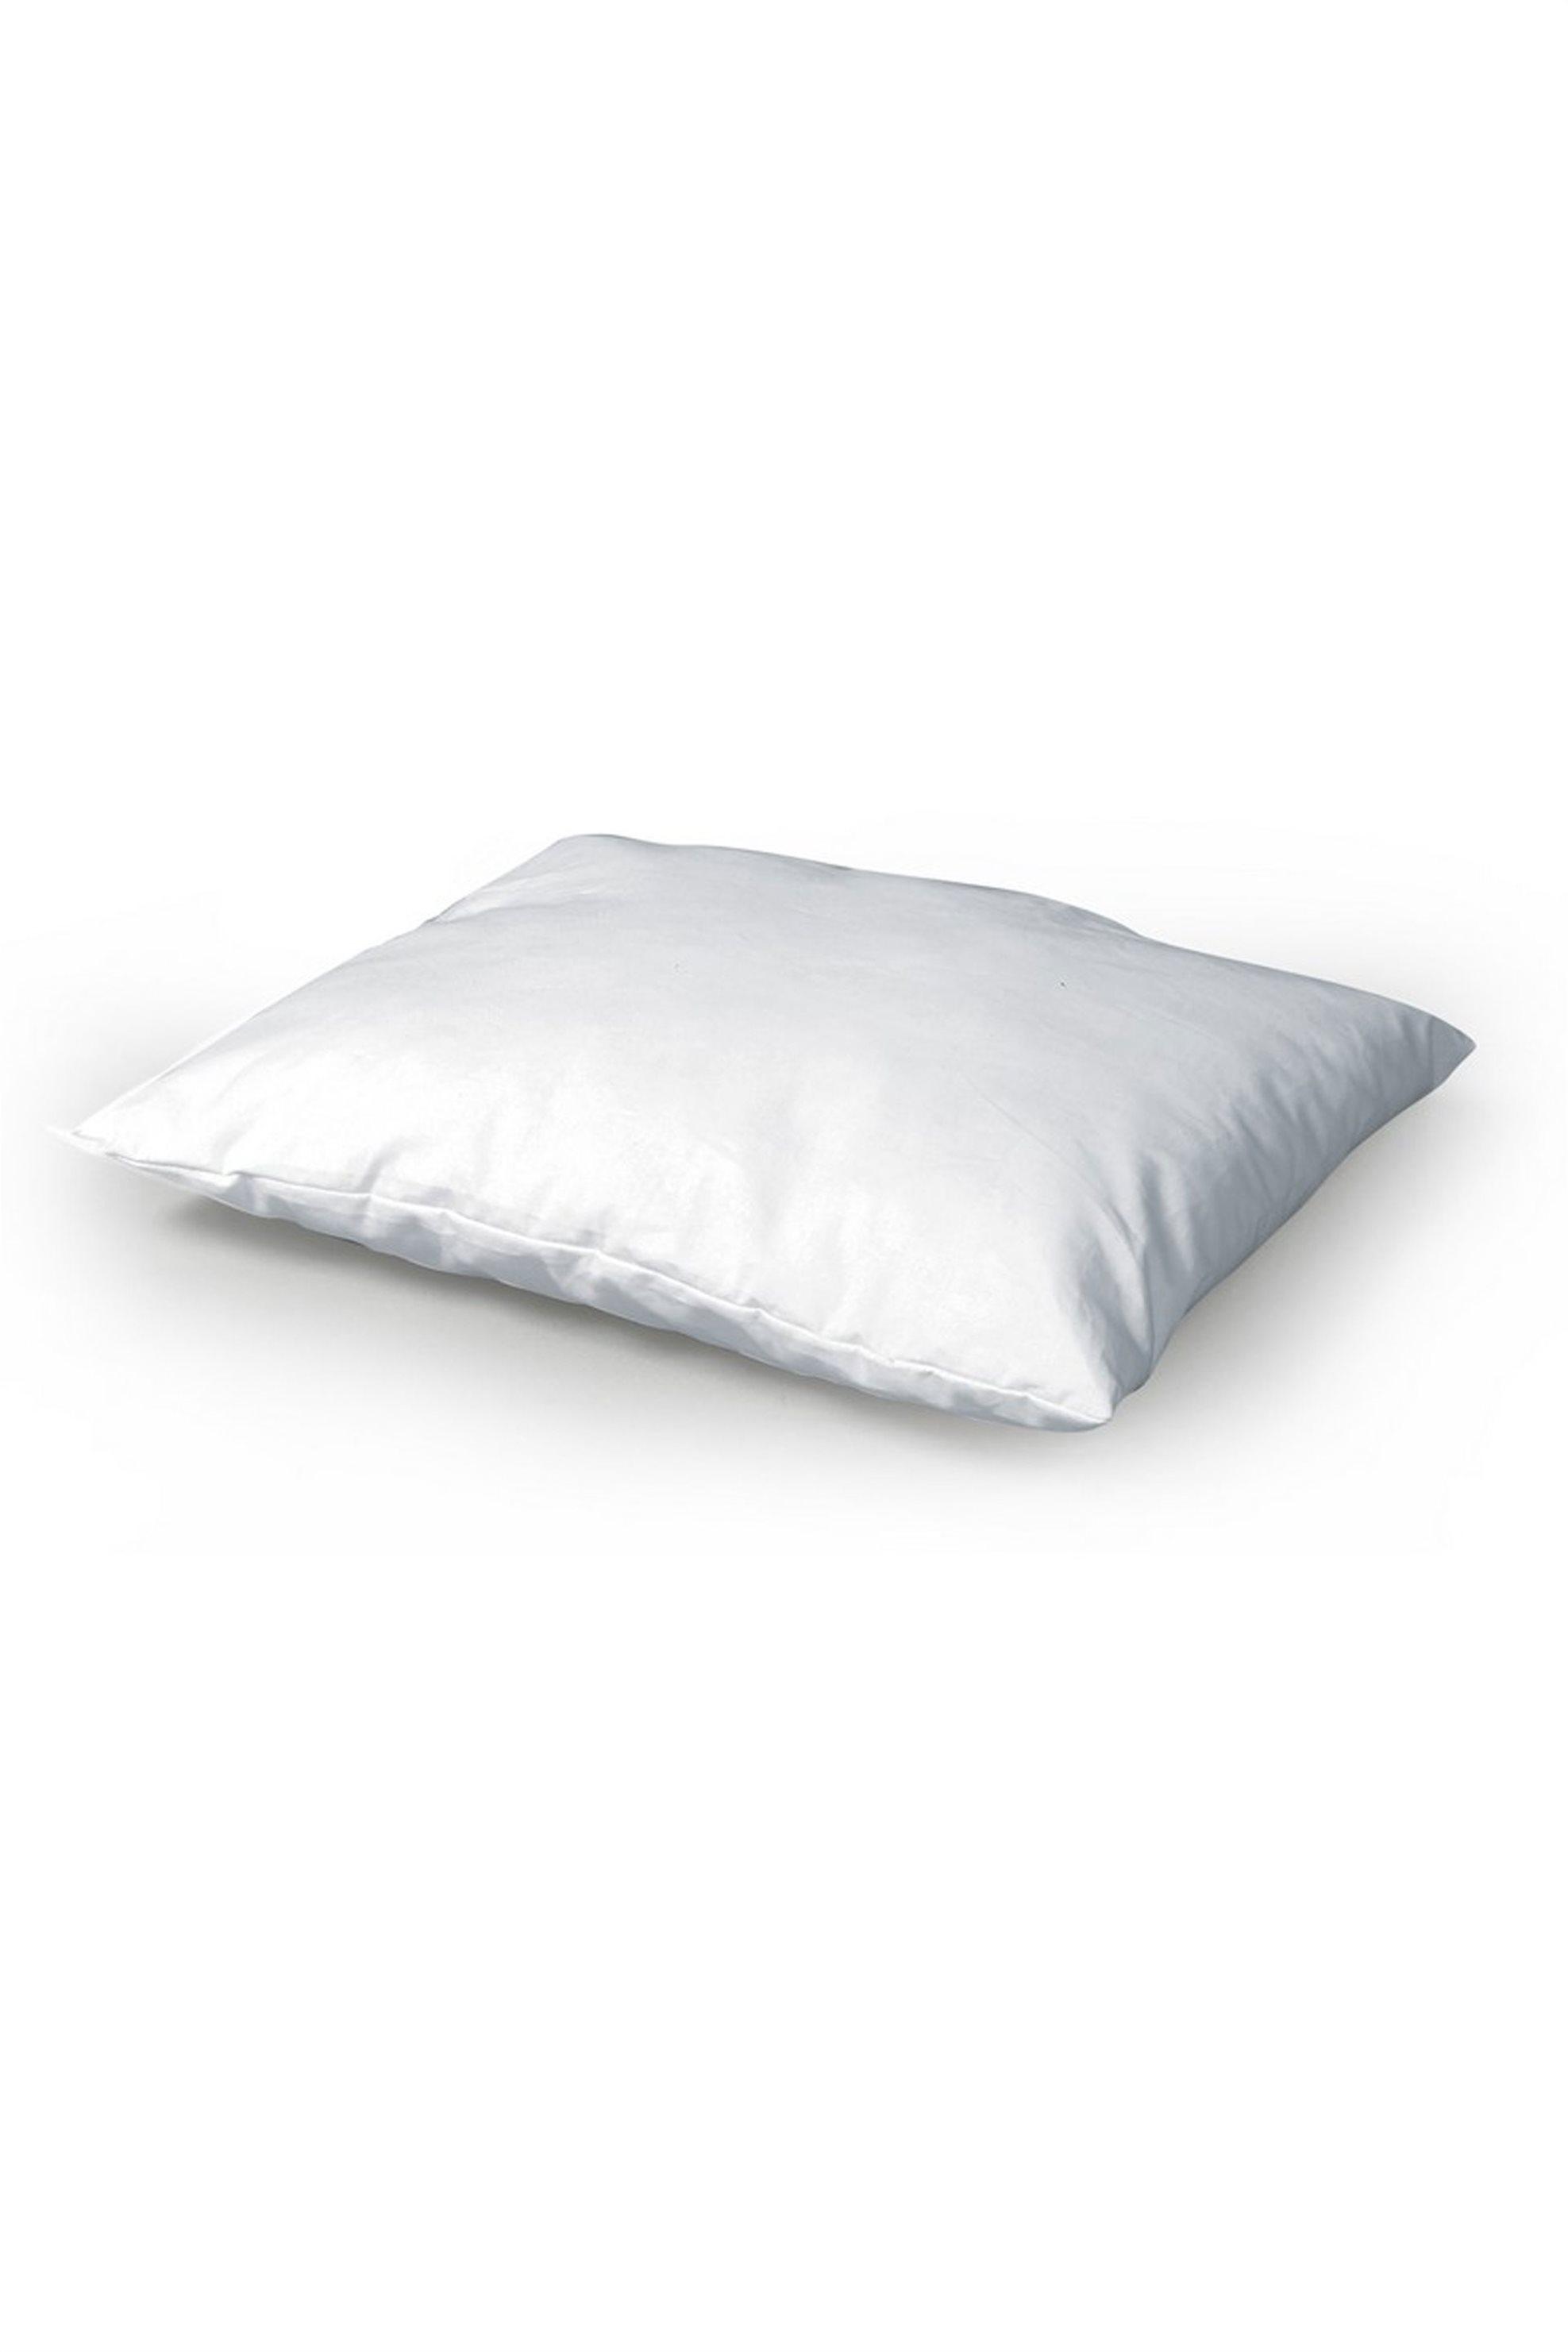 Βρεφικό μαξιλάρι ύπνου 50 x 70 cm NEF-NEF - 014562 - Λευκό home   παιδια   μαξιλάρια